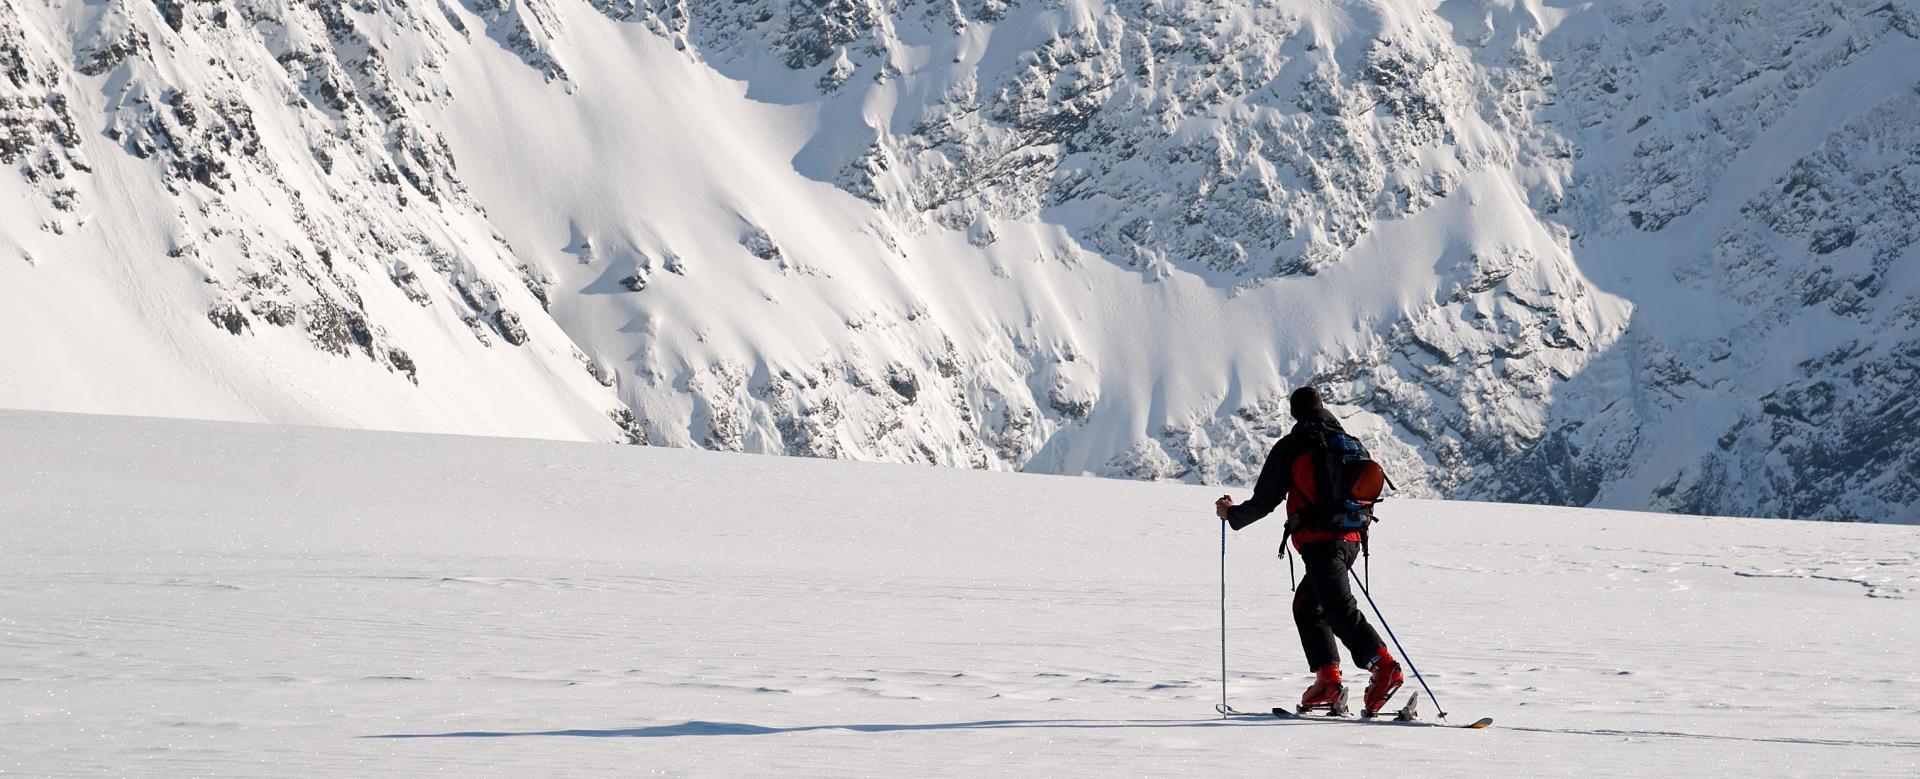 Voyage à la neige : Rila et pirin, ski de rando en bulgarie